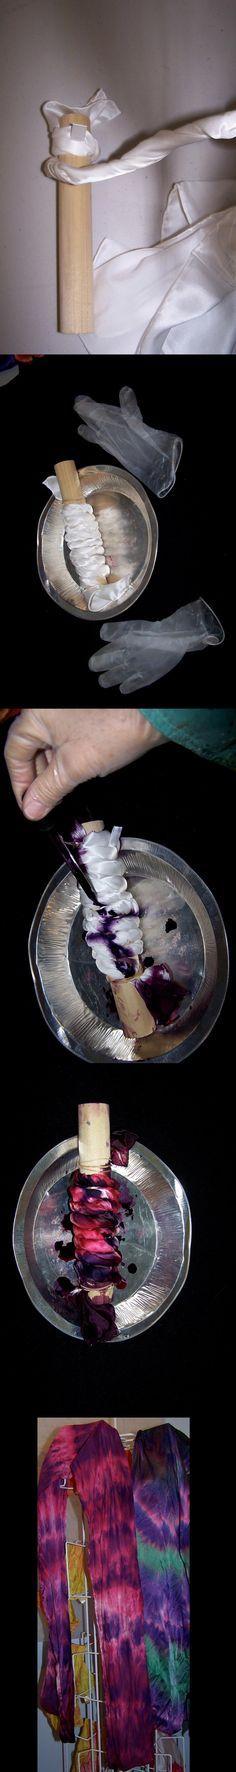 Shibori Technique